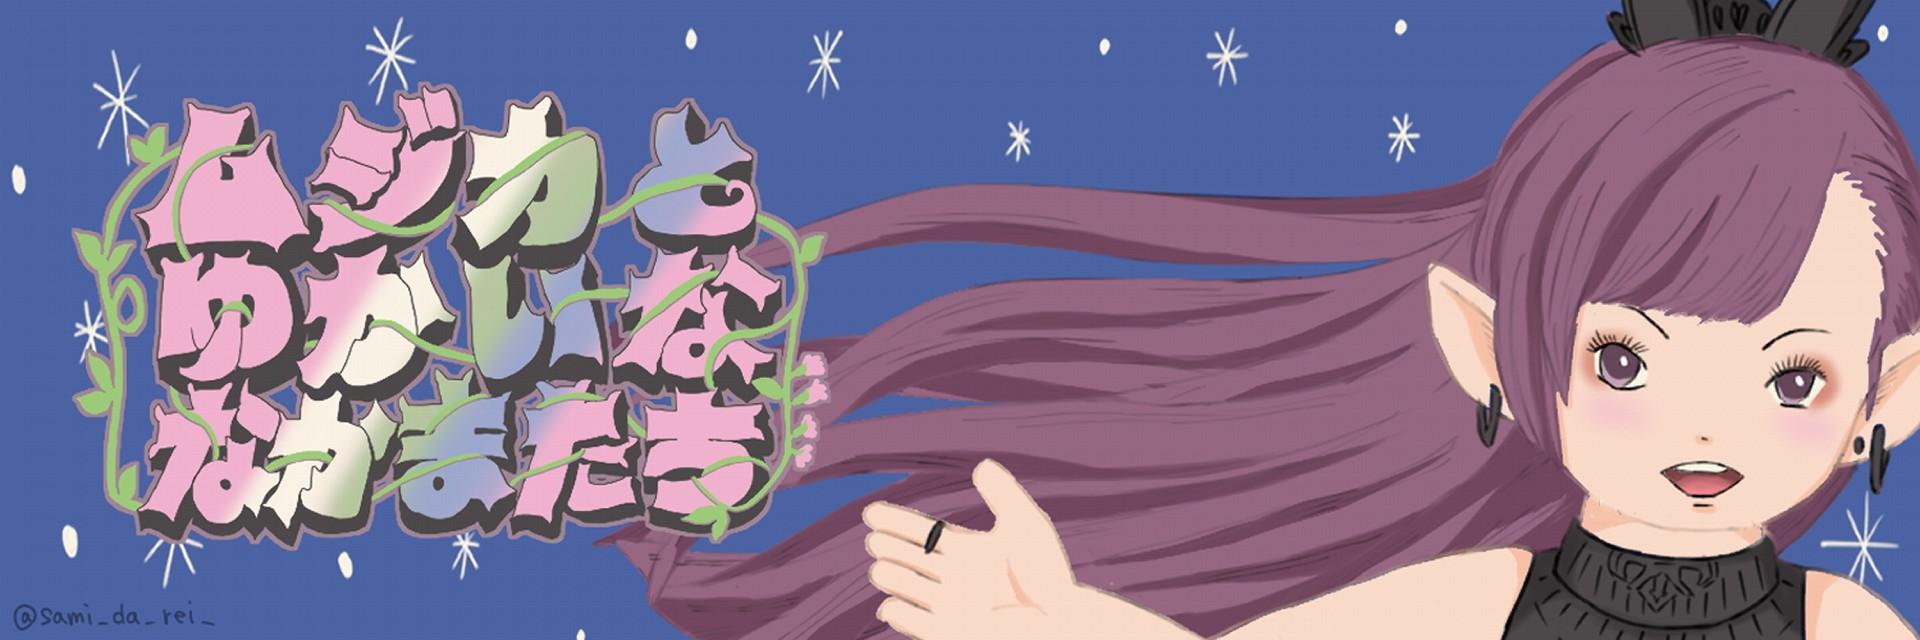 f:id:ryoushitsu-musica:20210619003924j:image